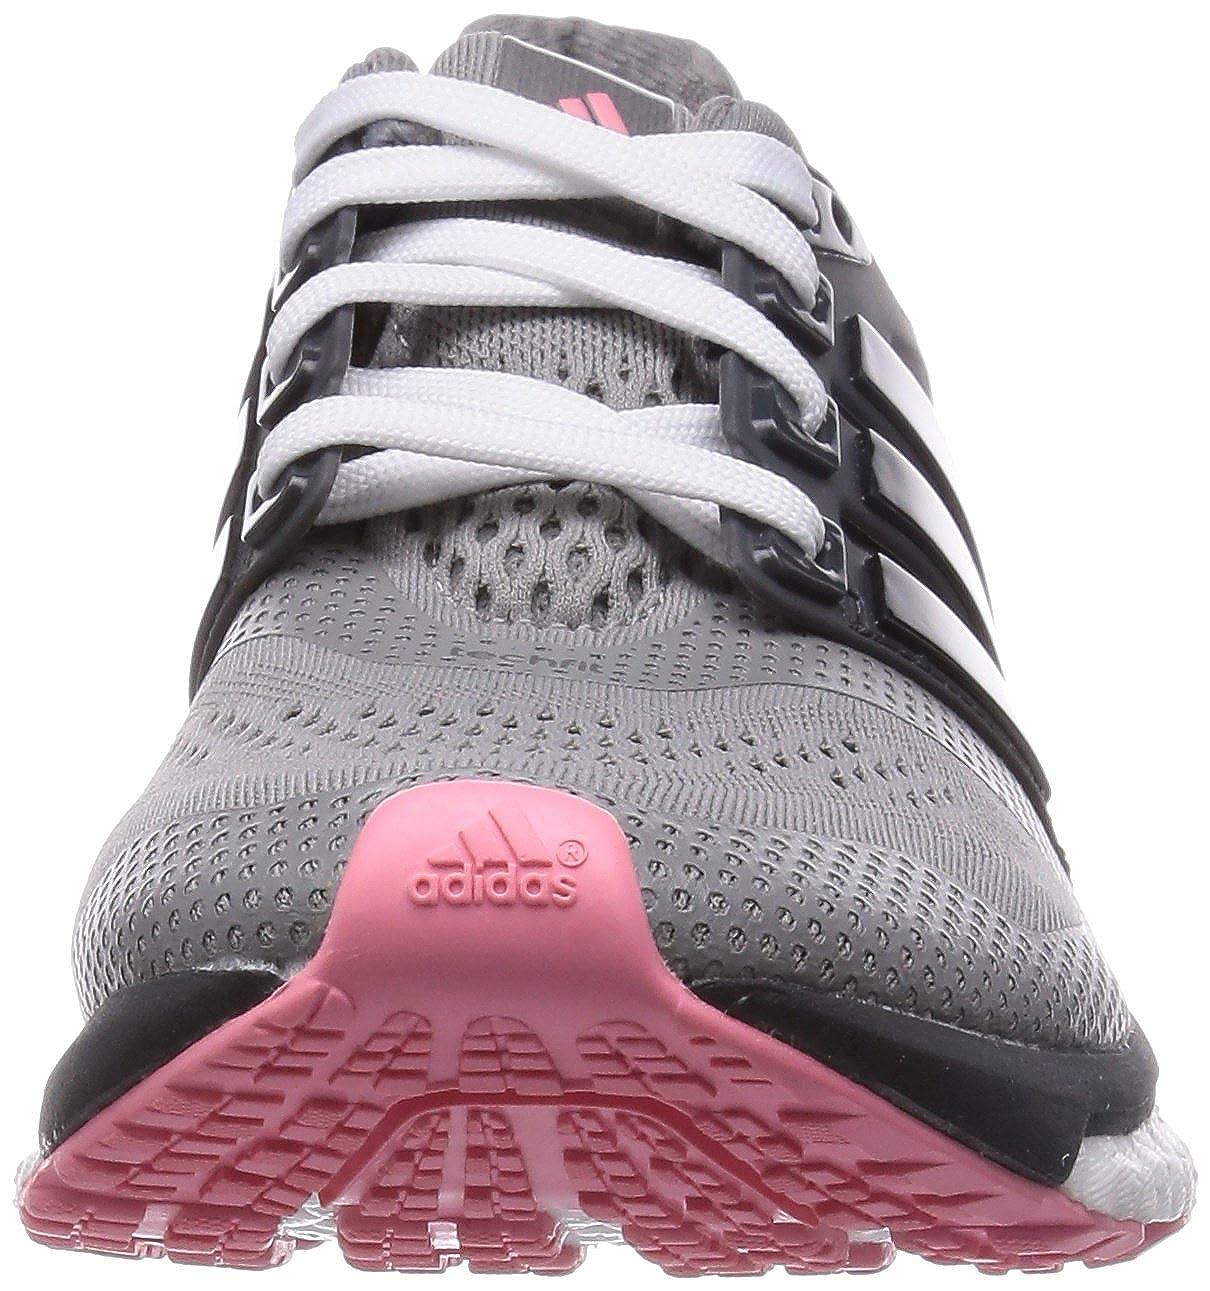 Adidas Performance Energy Boost ESM Damen Damen Damen Laufschuhe 749bea